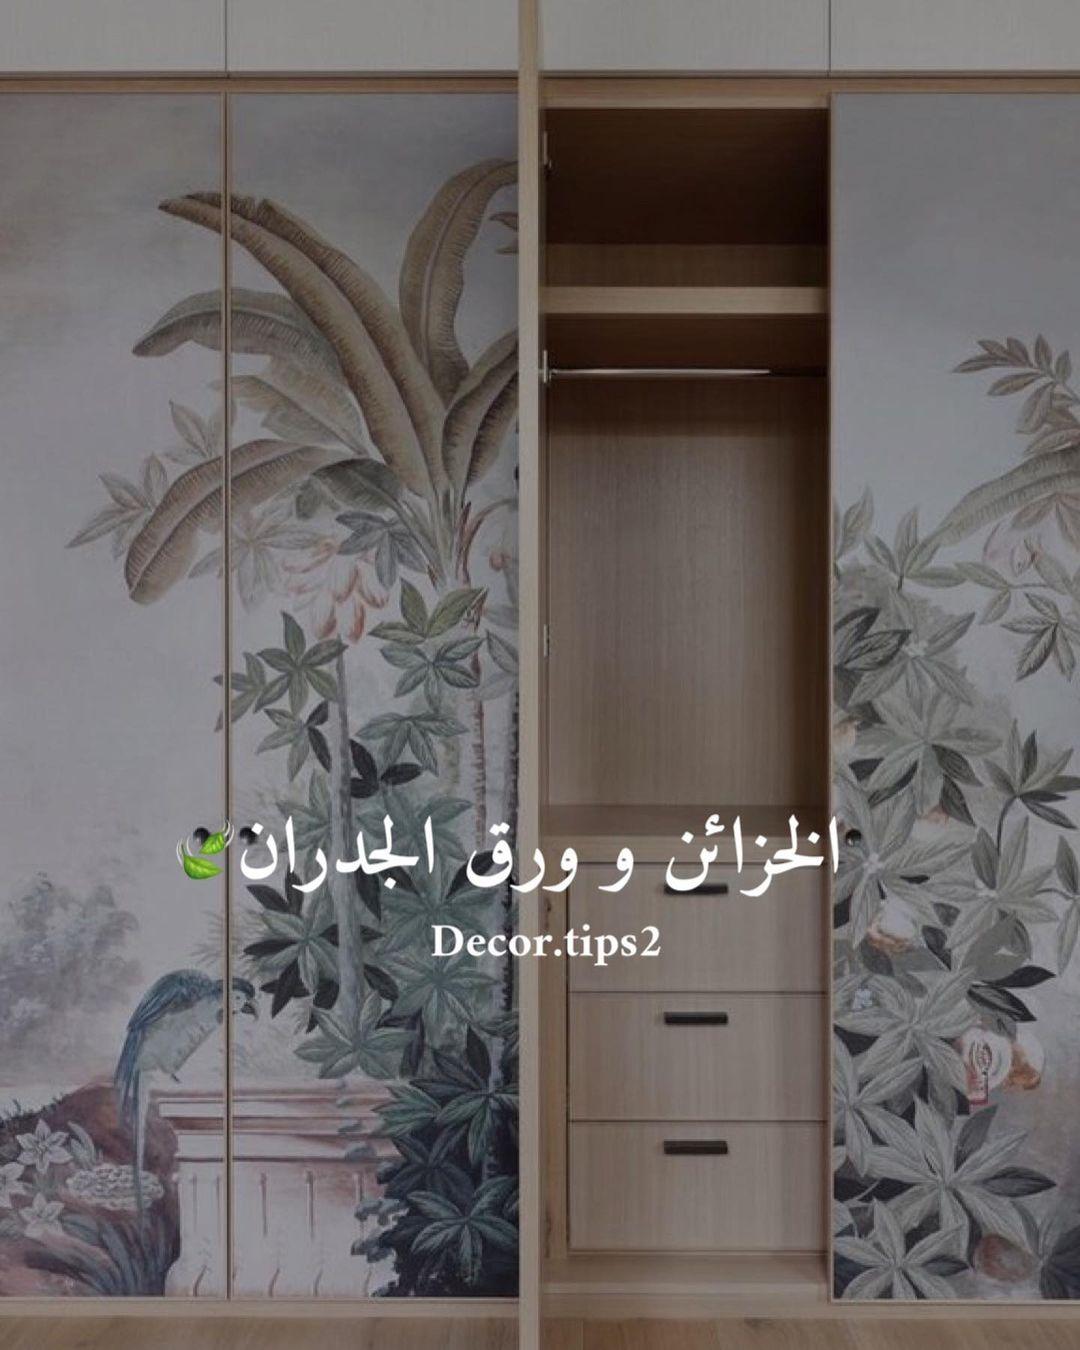 .  من الأفكار الجميلة لأبواب الخزائن دمج الخشب مع ورق جدران له ملمس كالأقمشة…